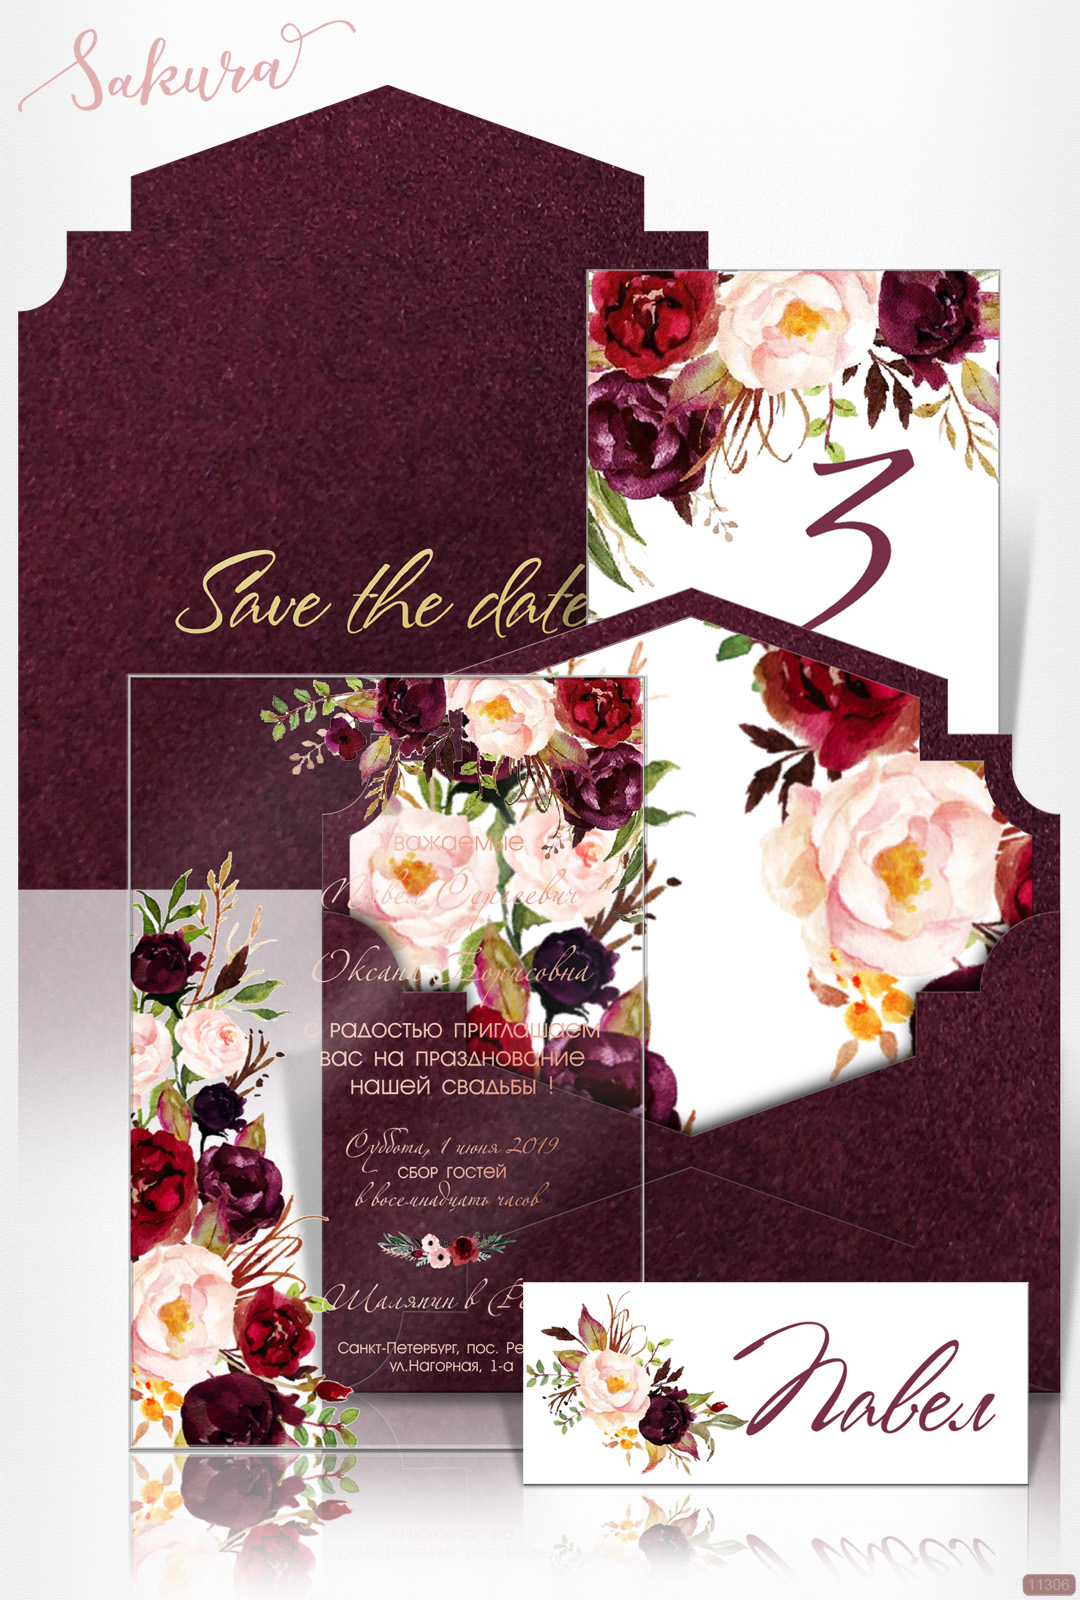 Приглашение на свадьбу и юбилей. Конверт бордо с фактурой из картона. Вкладыш прозрачный акрил с печатью.